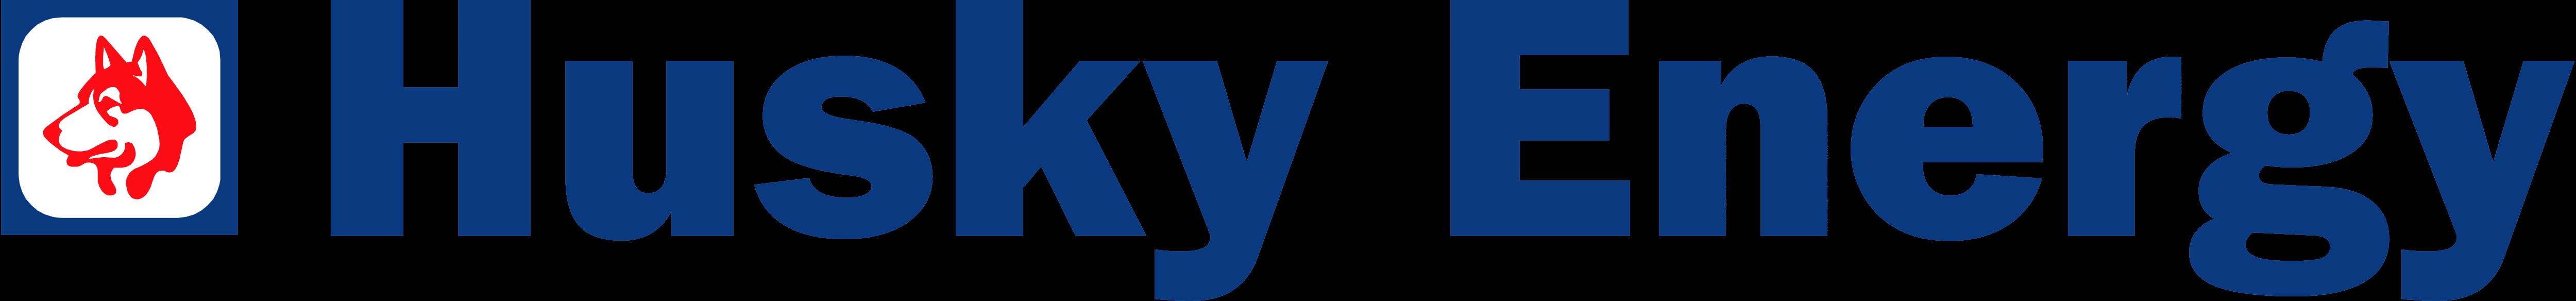 Husky Energy Logo PNG-PlusPNG.com-5000 - Husky Energy Logo PNG